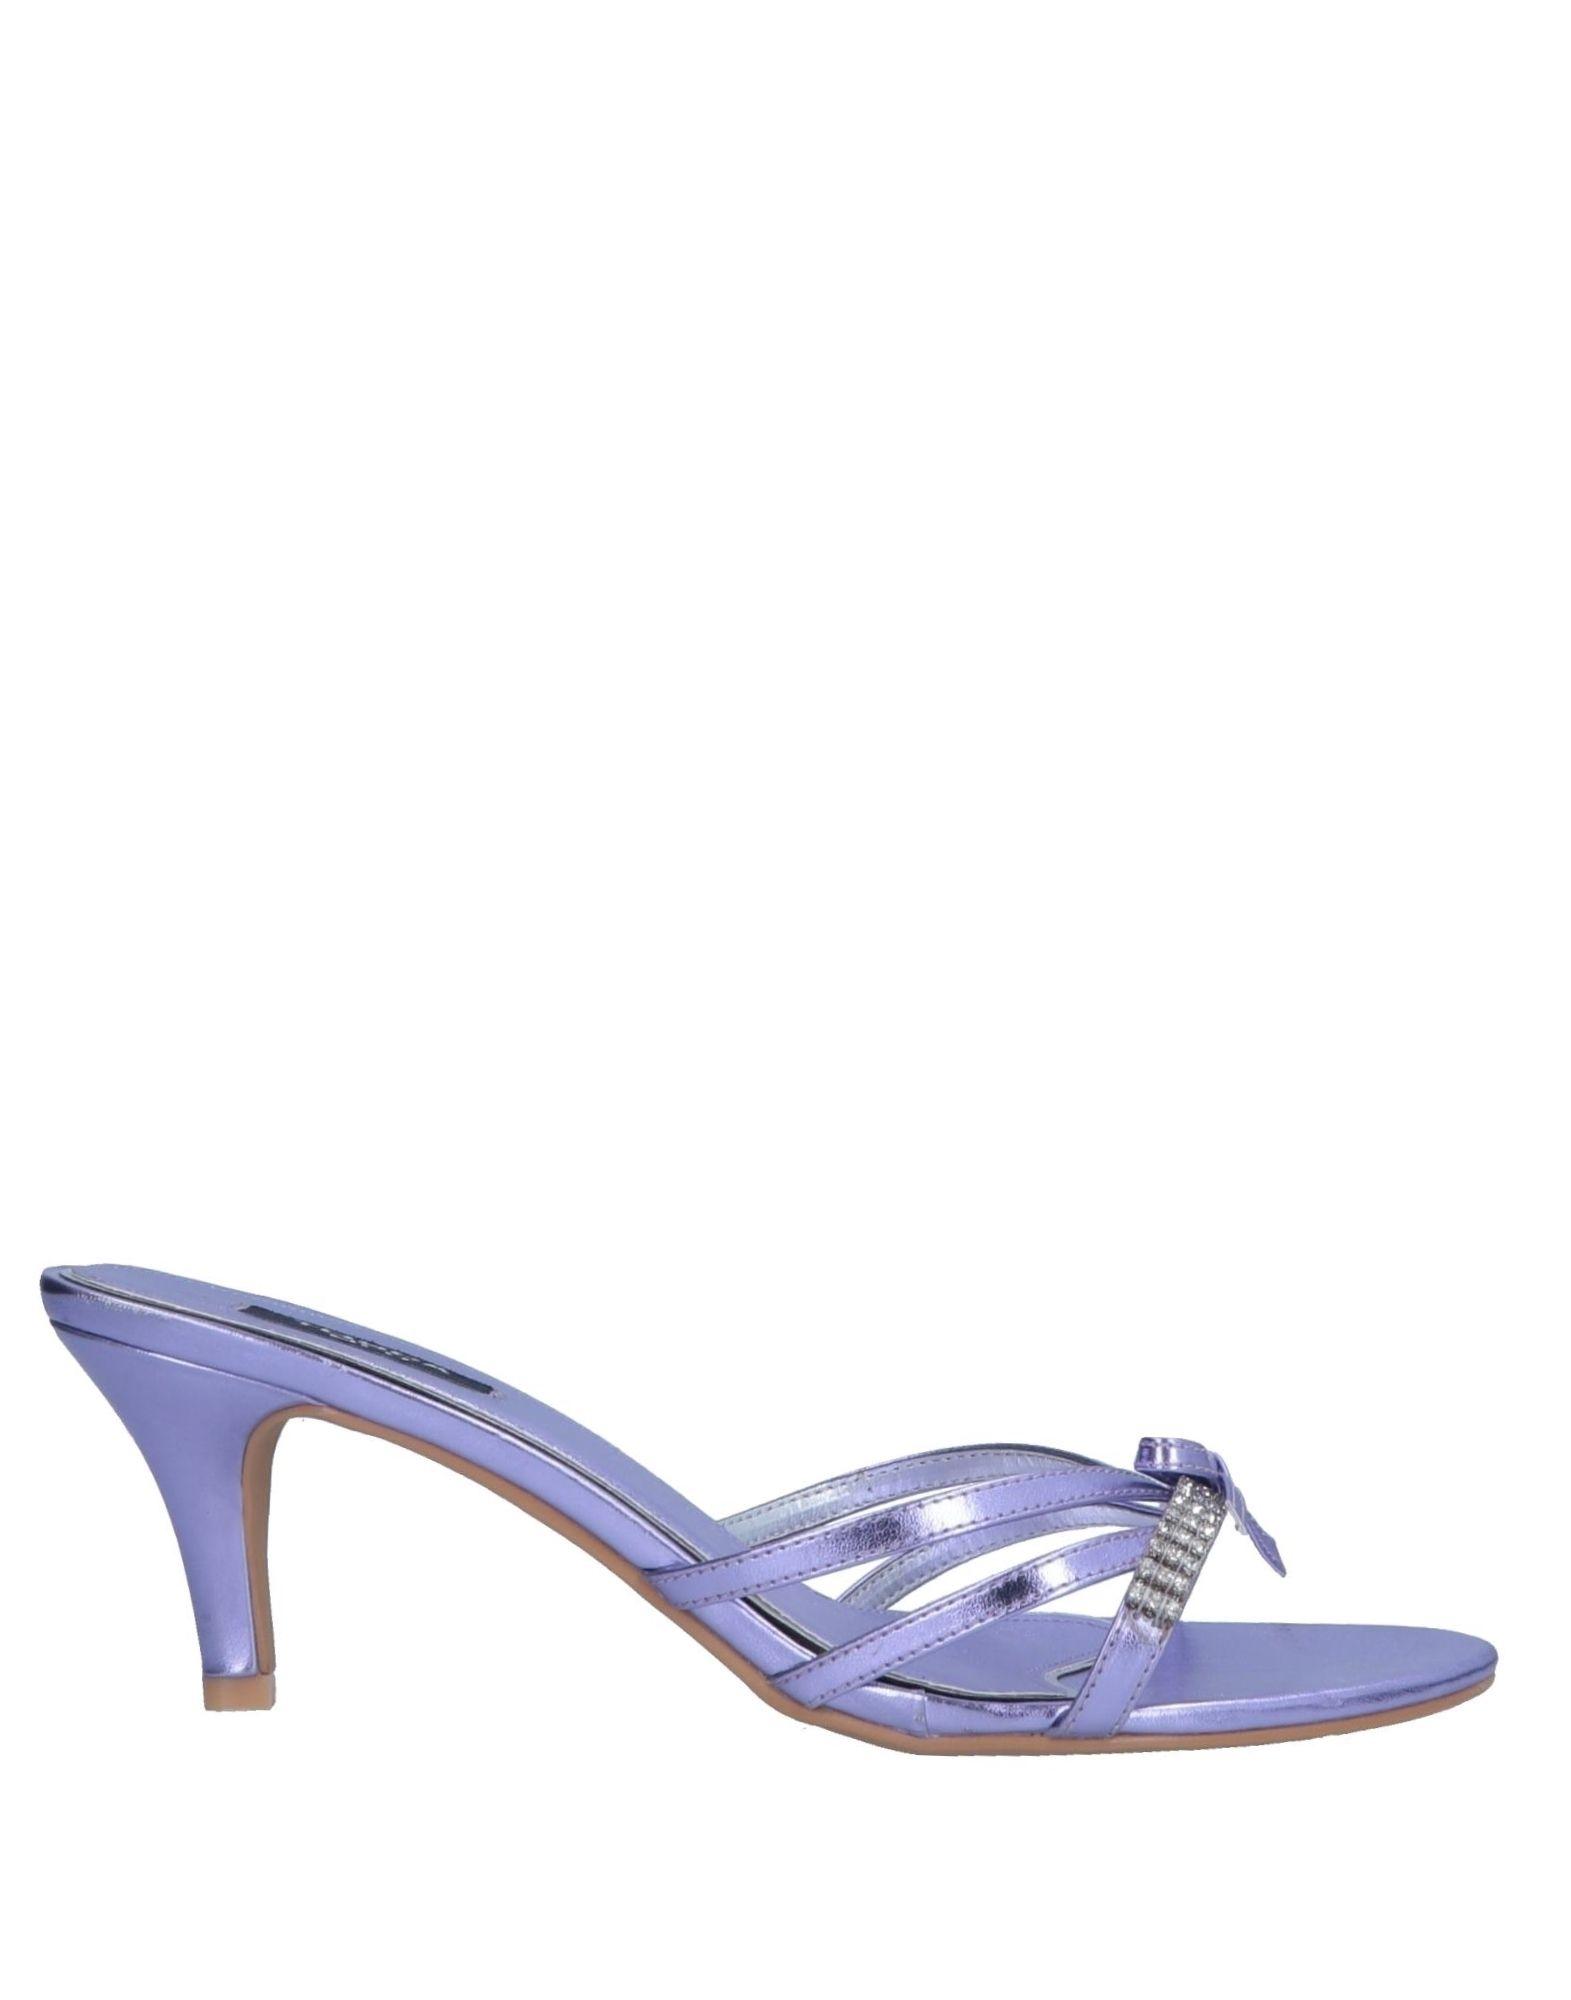 6fb3712445d Tosca Blu Shoes Sandals - Women Tosca Blu Blu Blu Shoes Sandals online on  Canada -